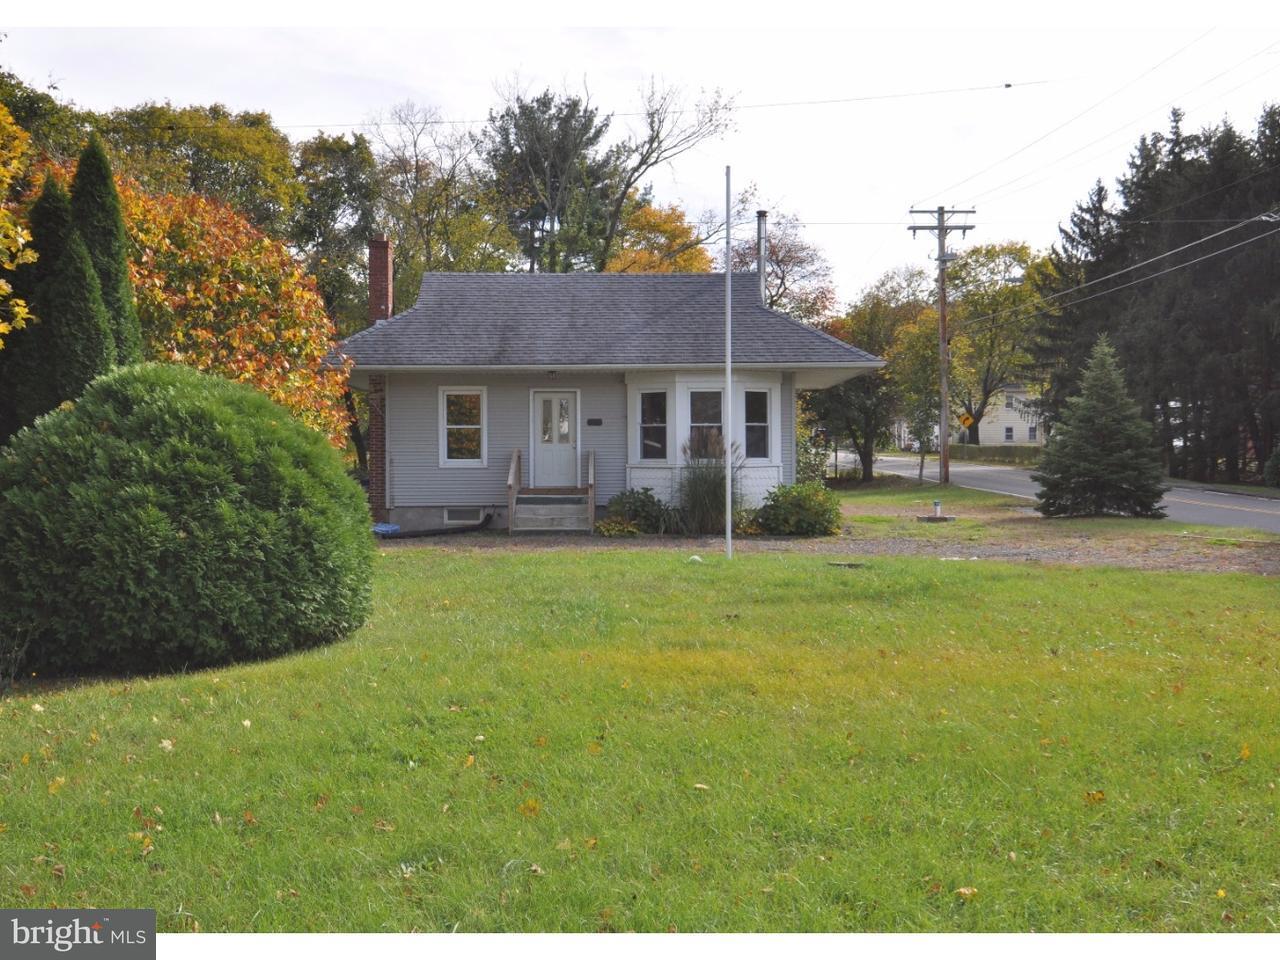 Maison unifamiliale pour l Vente à 394 MAIN Street Juliustown, New Jersey 08042 États-Unis